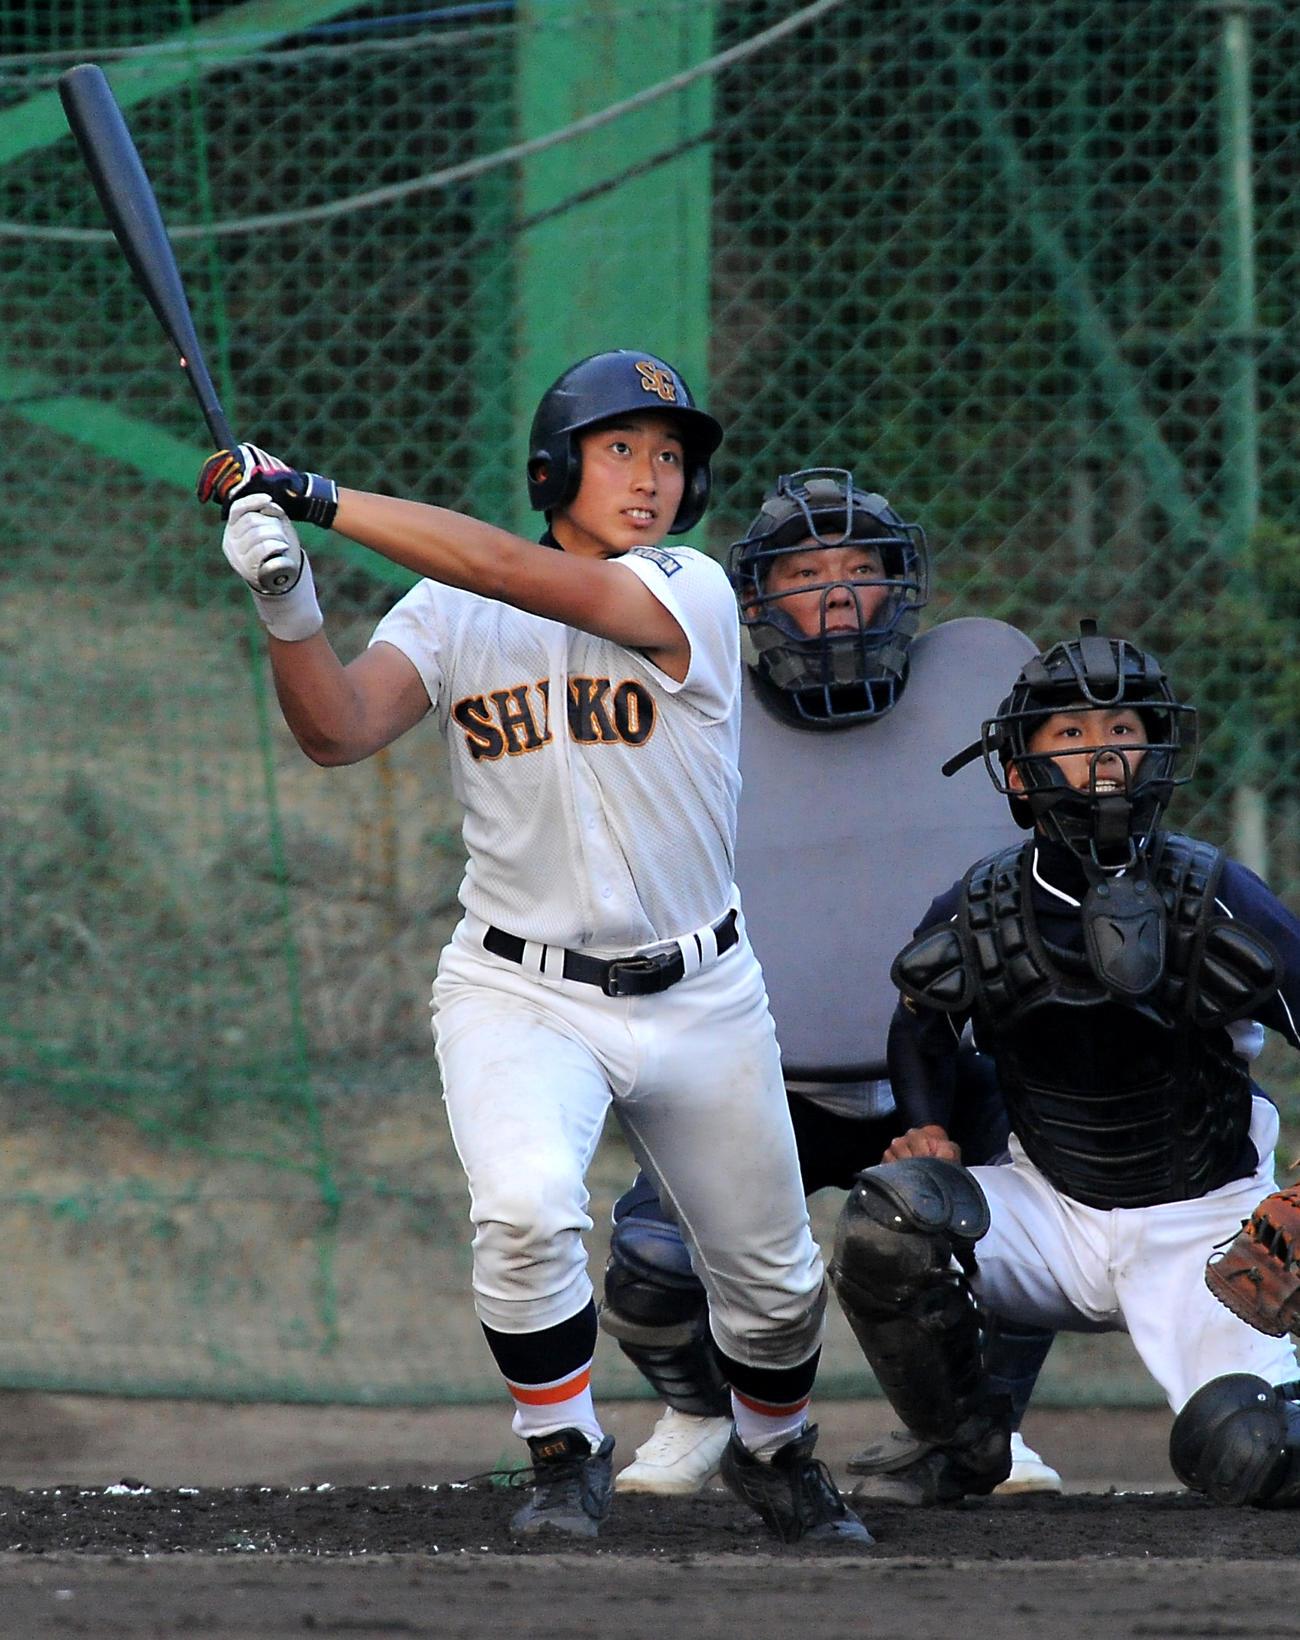 10年6月、兵庫商との練習試合で 日本ハム中田に並ぶ高校通算87号本塁打を放つ神港学園時代の伊藤諒介さん